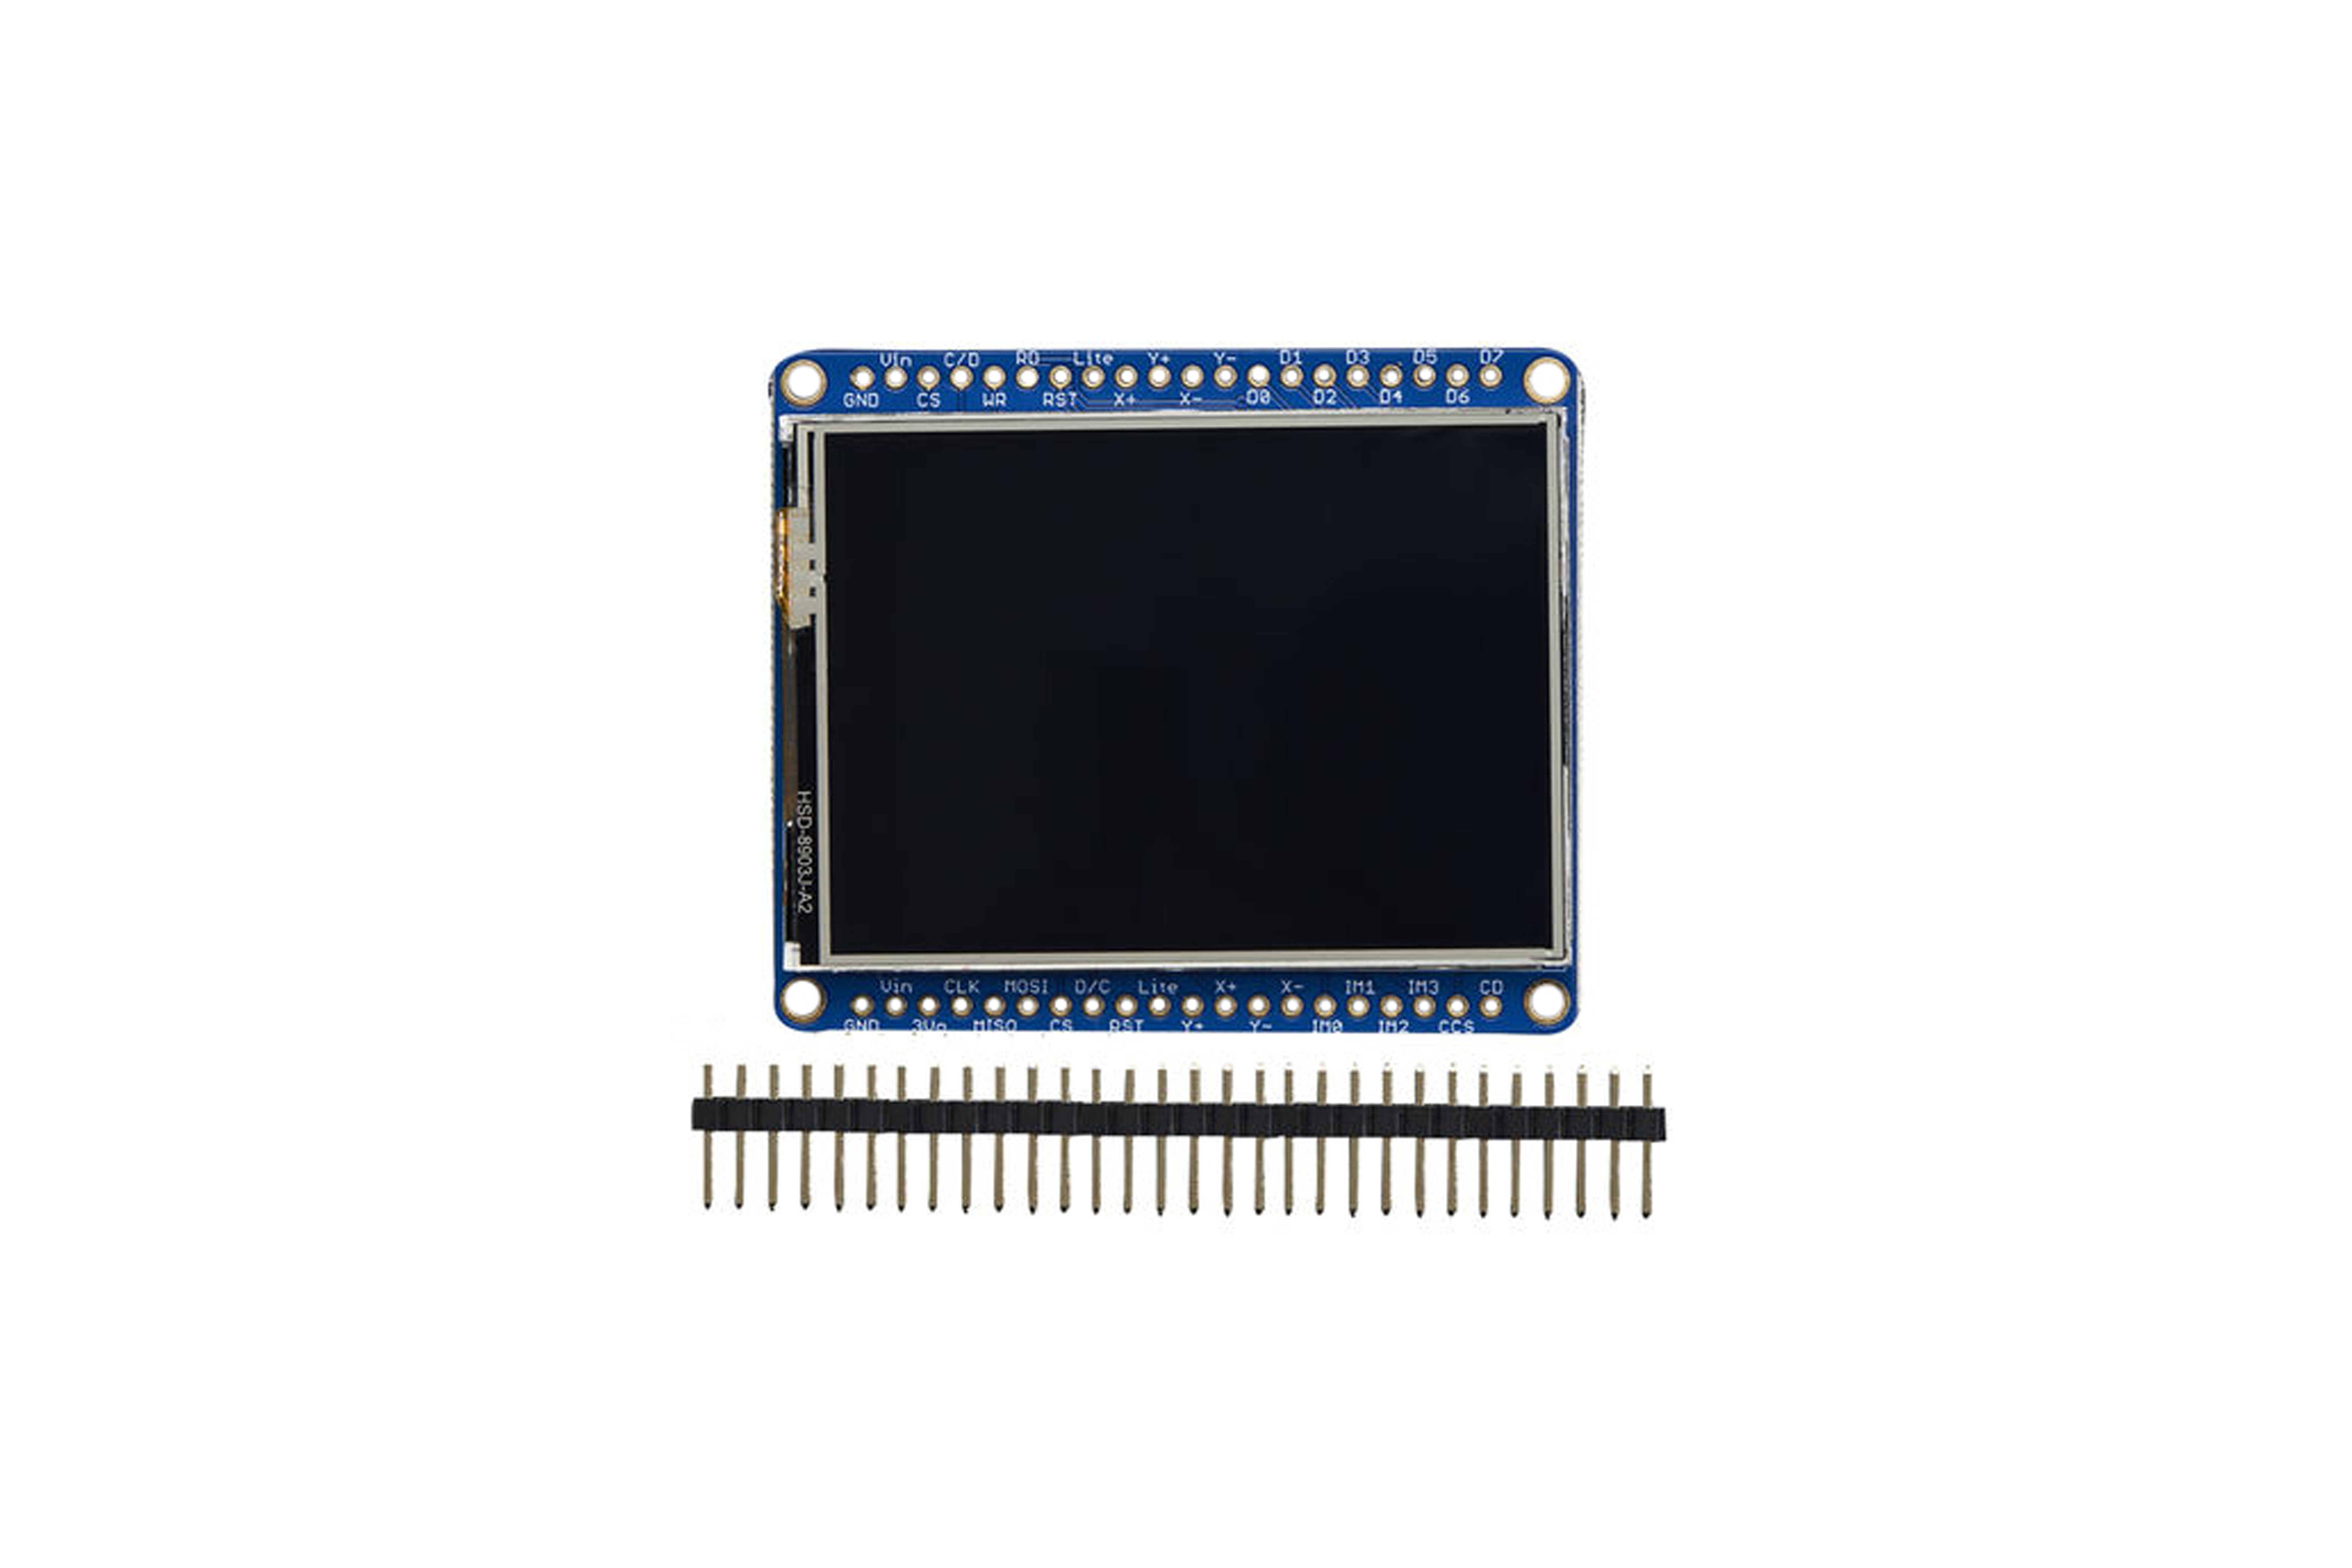 ADAFRUIT 2,4-INCH LCD-TOUCHSCREENKAART